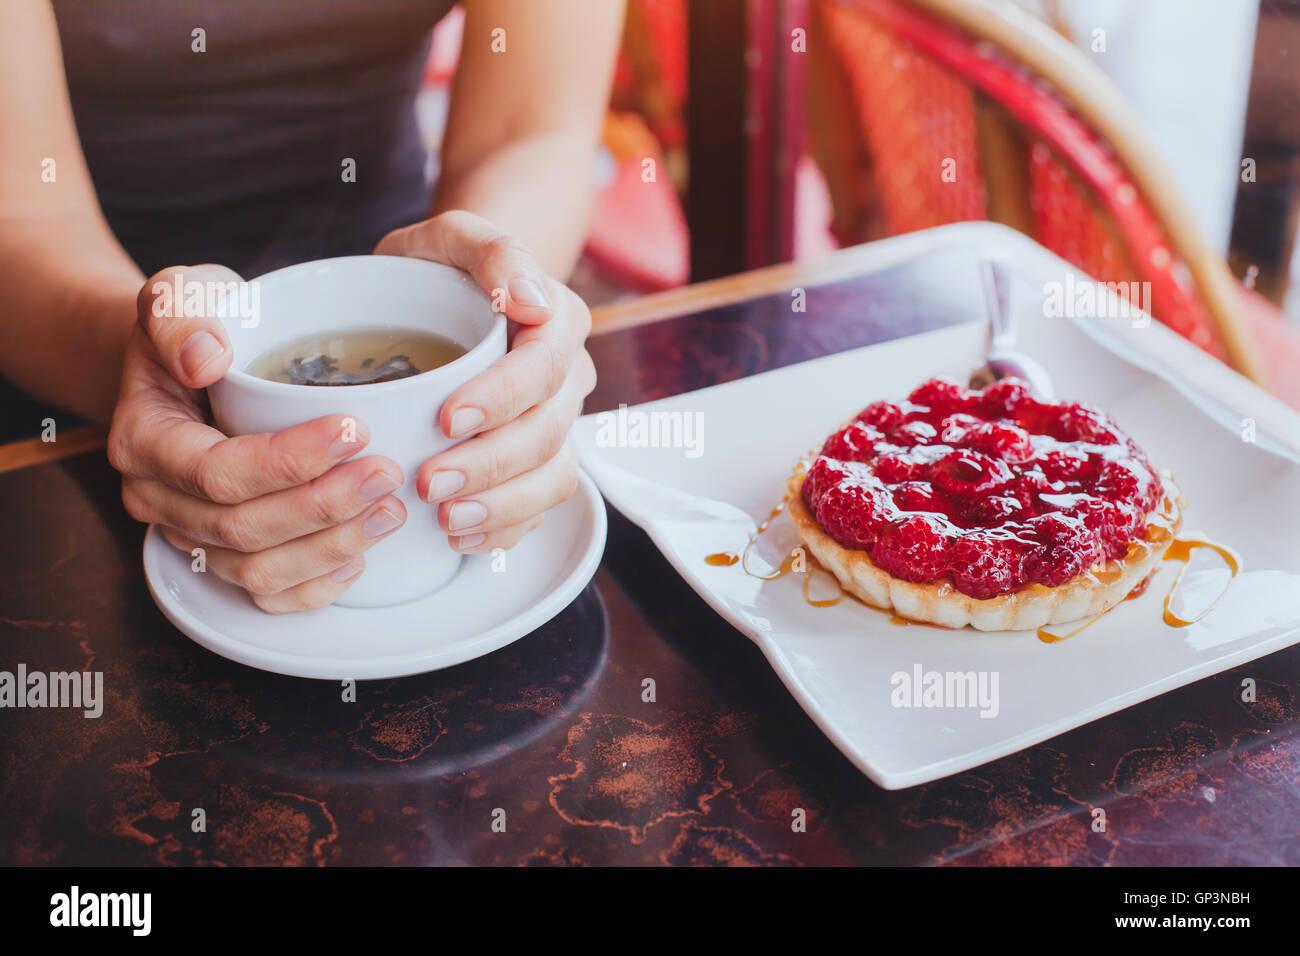 Boire le thé avec dessert sucré en cafe, Close up of hands avec cuvette et un gâteau aux fruits Photo Stock